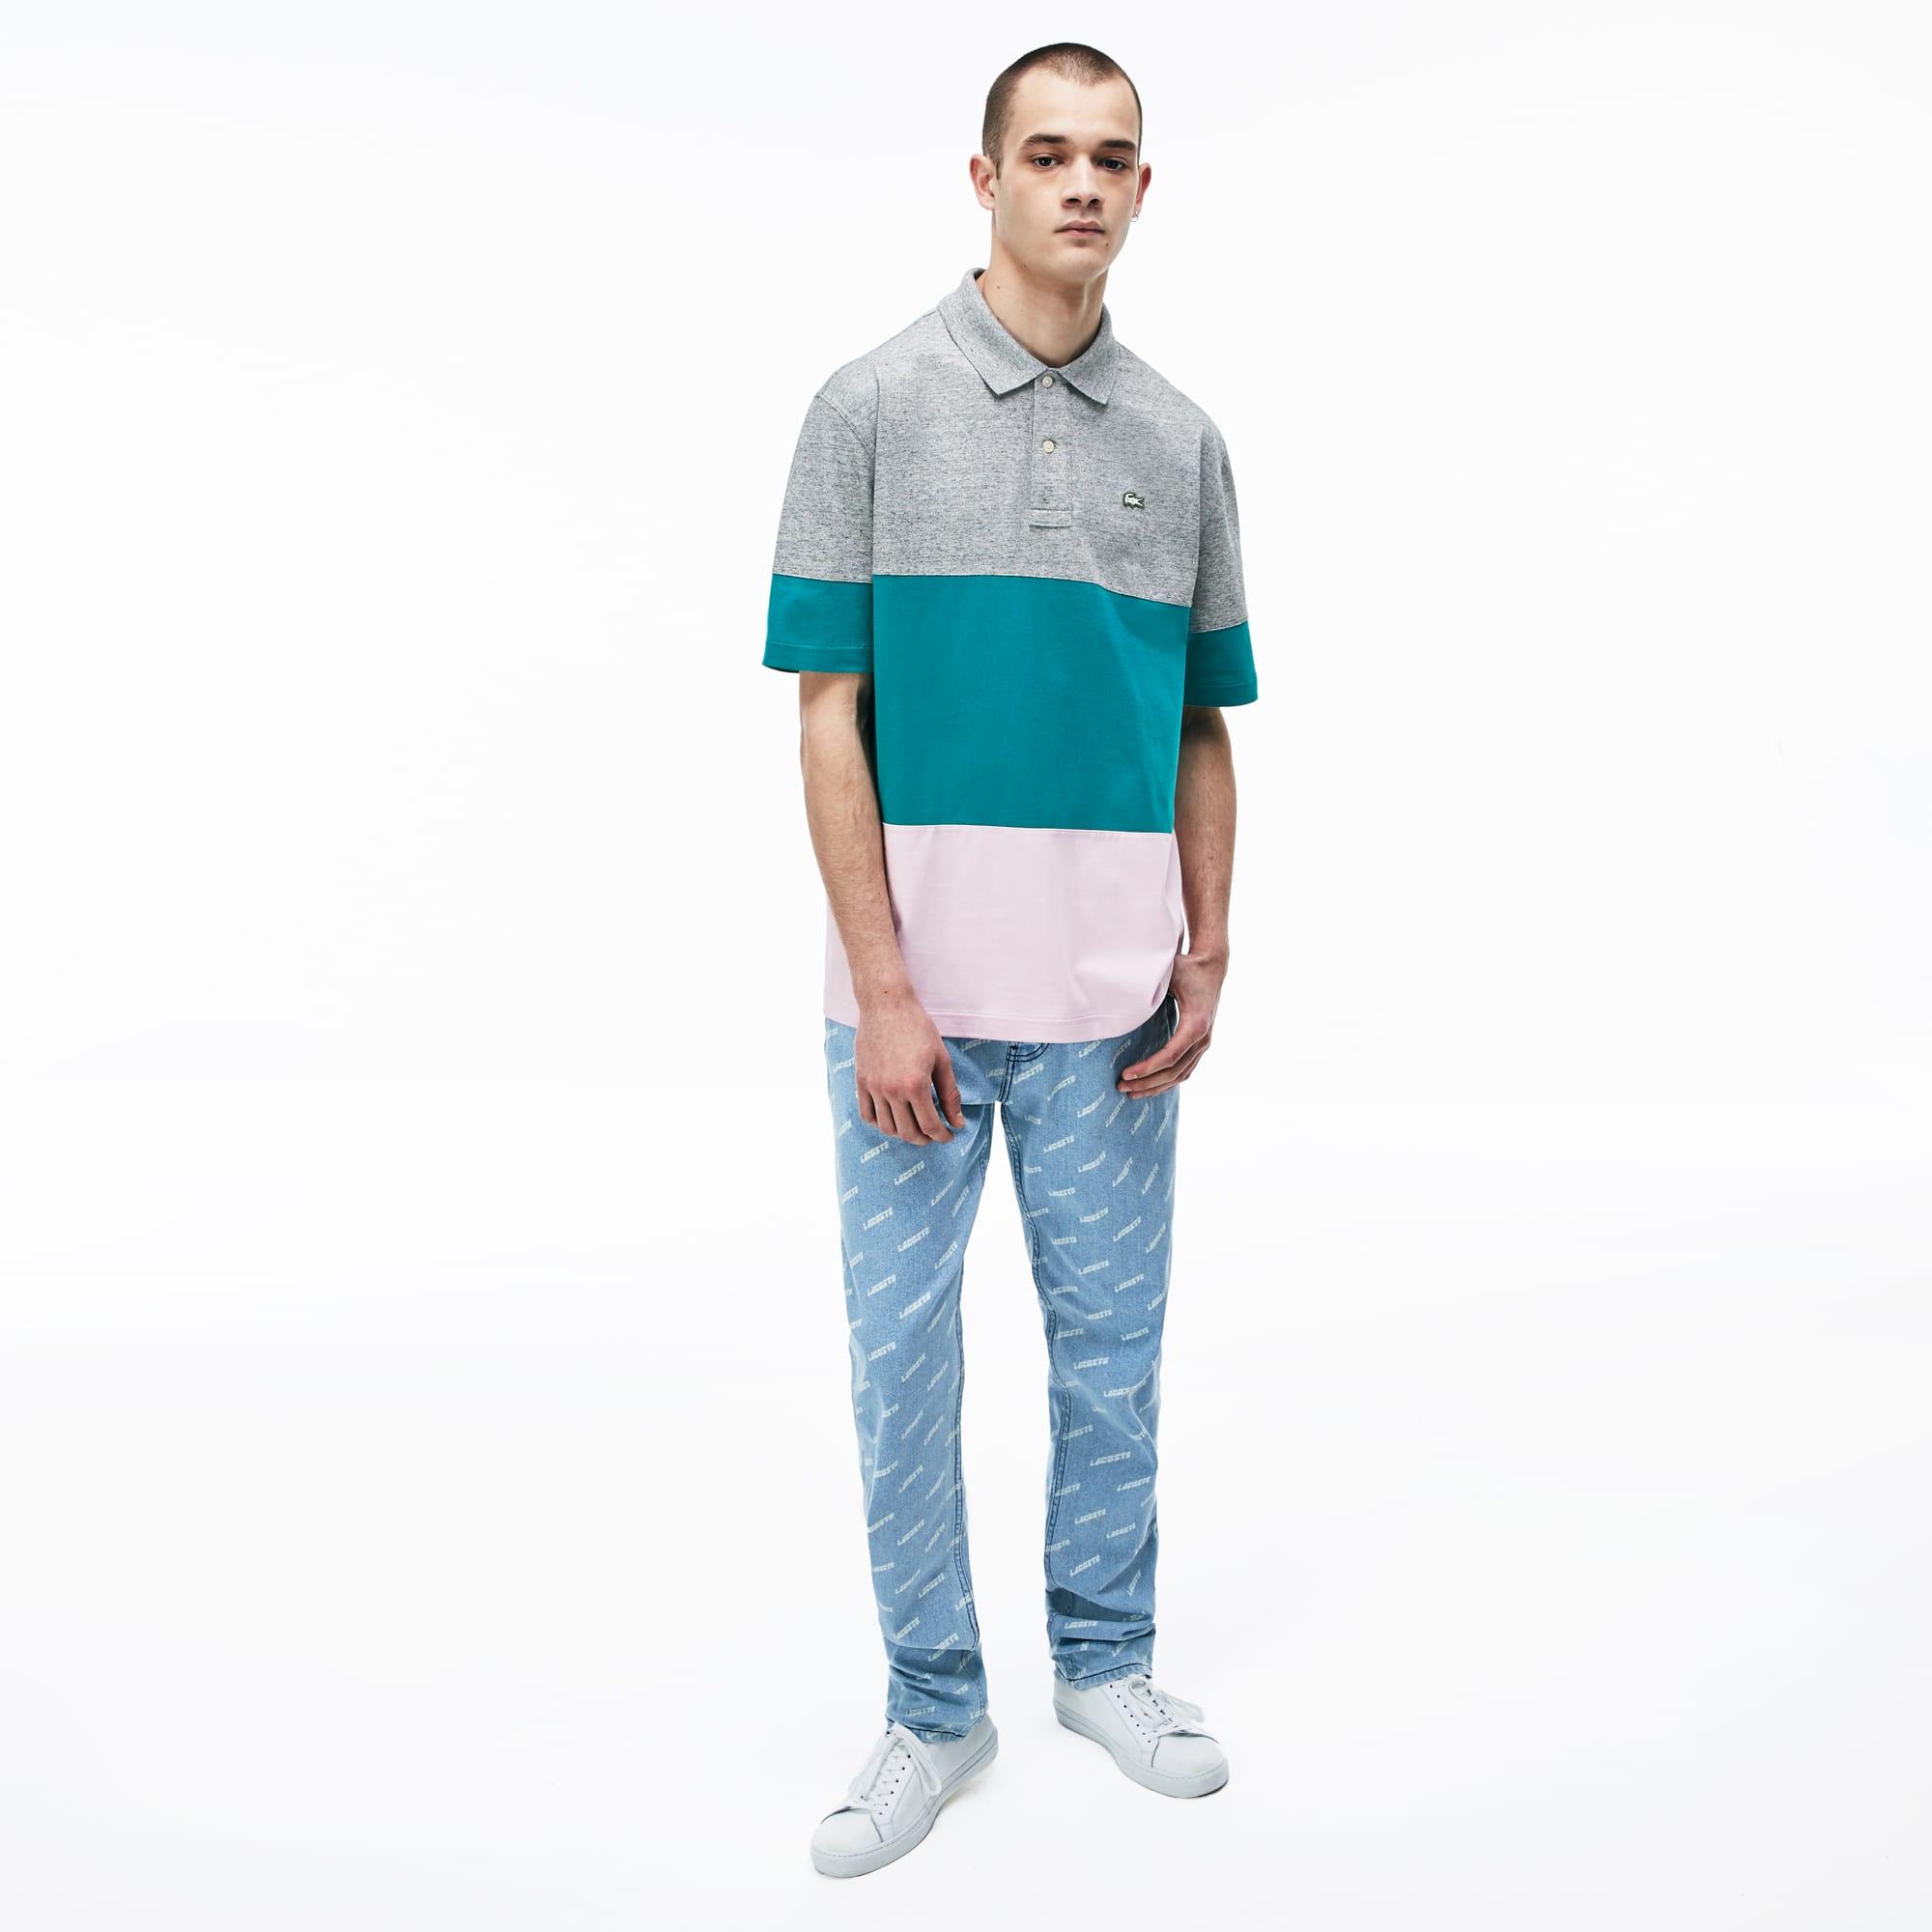 324f5c6233 Men's LIVE Loose Fit Cotton Polo